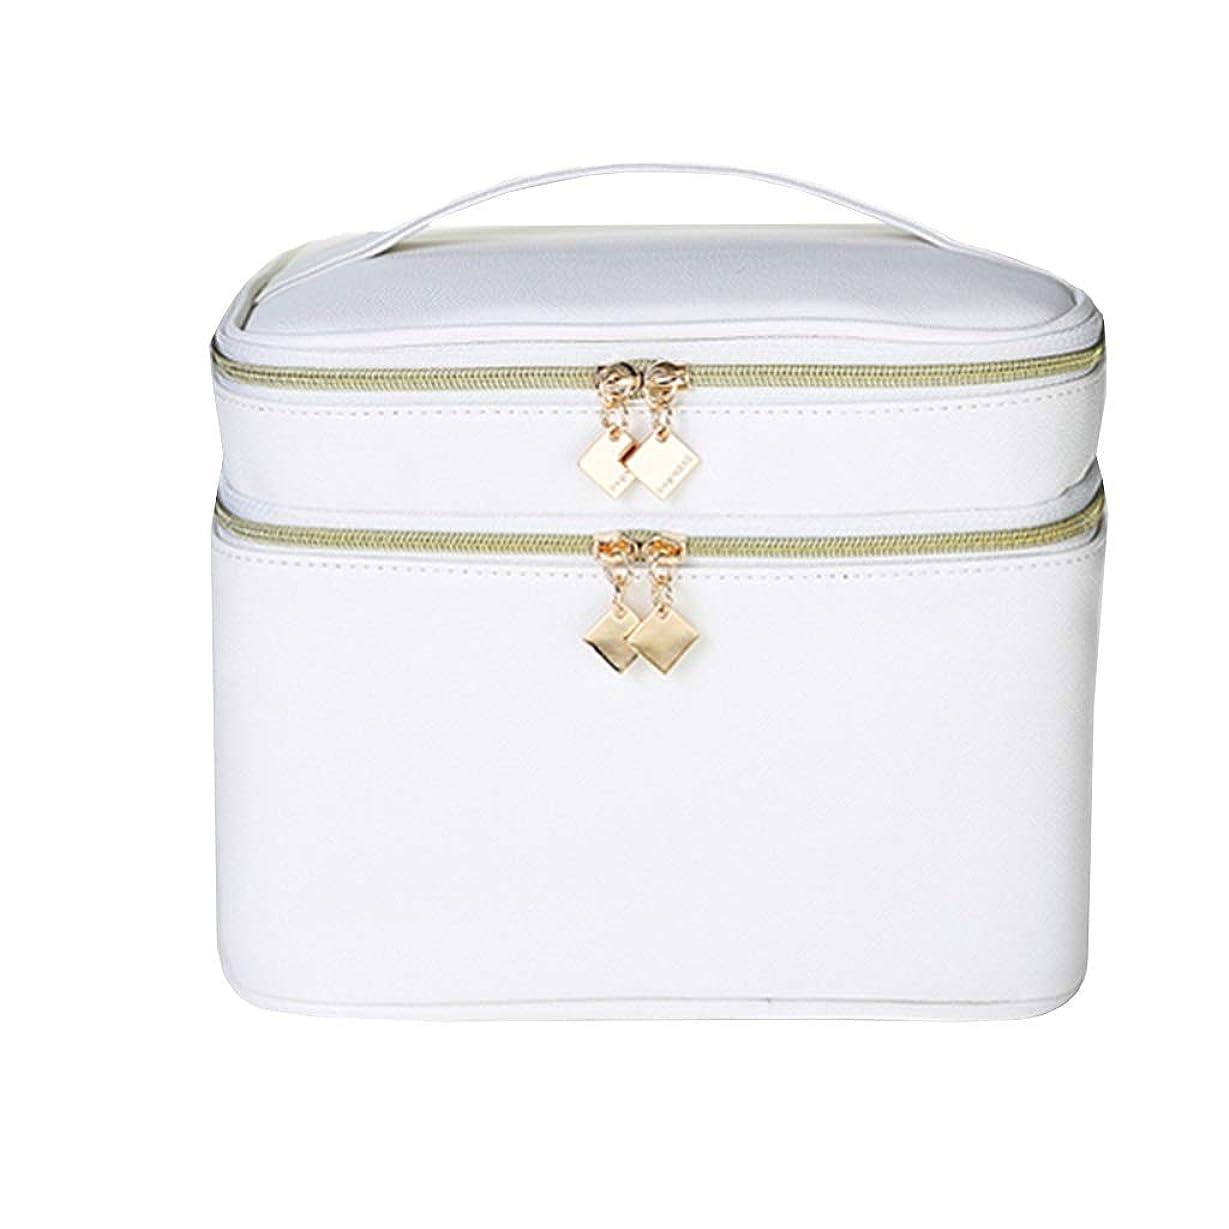 アライメント優れましたねばねば多機能化粧品袋、内蔵ハイビジョン化粧鏡ポータブル防水汚れに強いリムーバブル洗えるダブルレイヤーの分離 (Color : 白い, Size : 21x15x15.5cm)